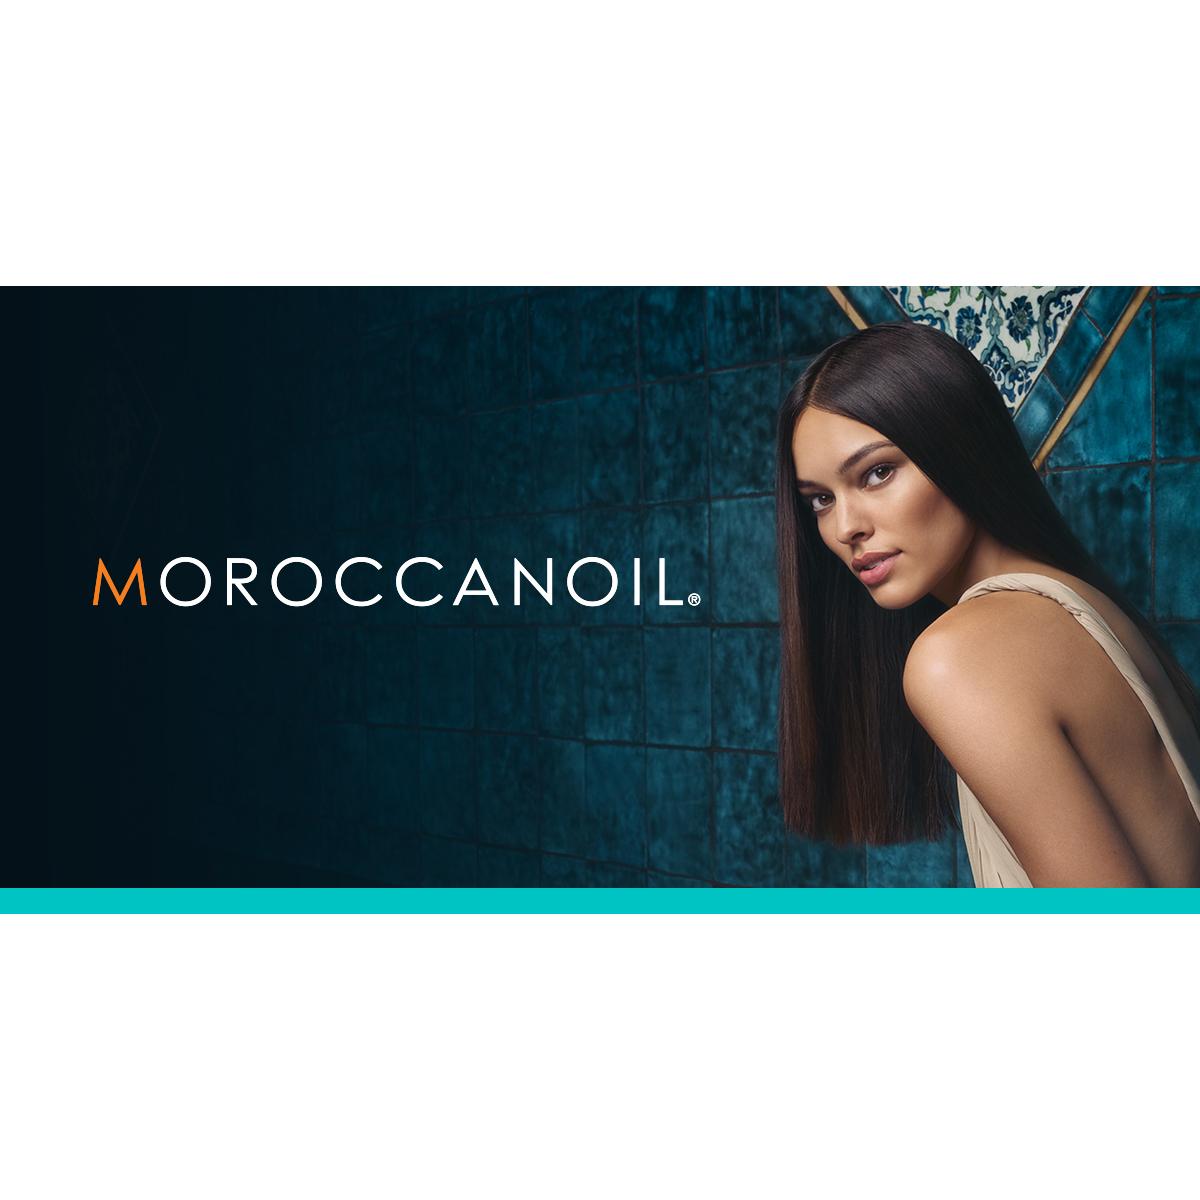 【MOROCCANOIL】モロッカンオイル インテンス ハイドレーティング マスク 250ml